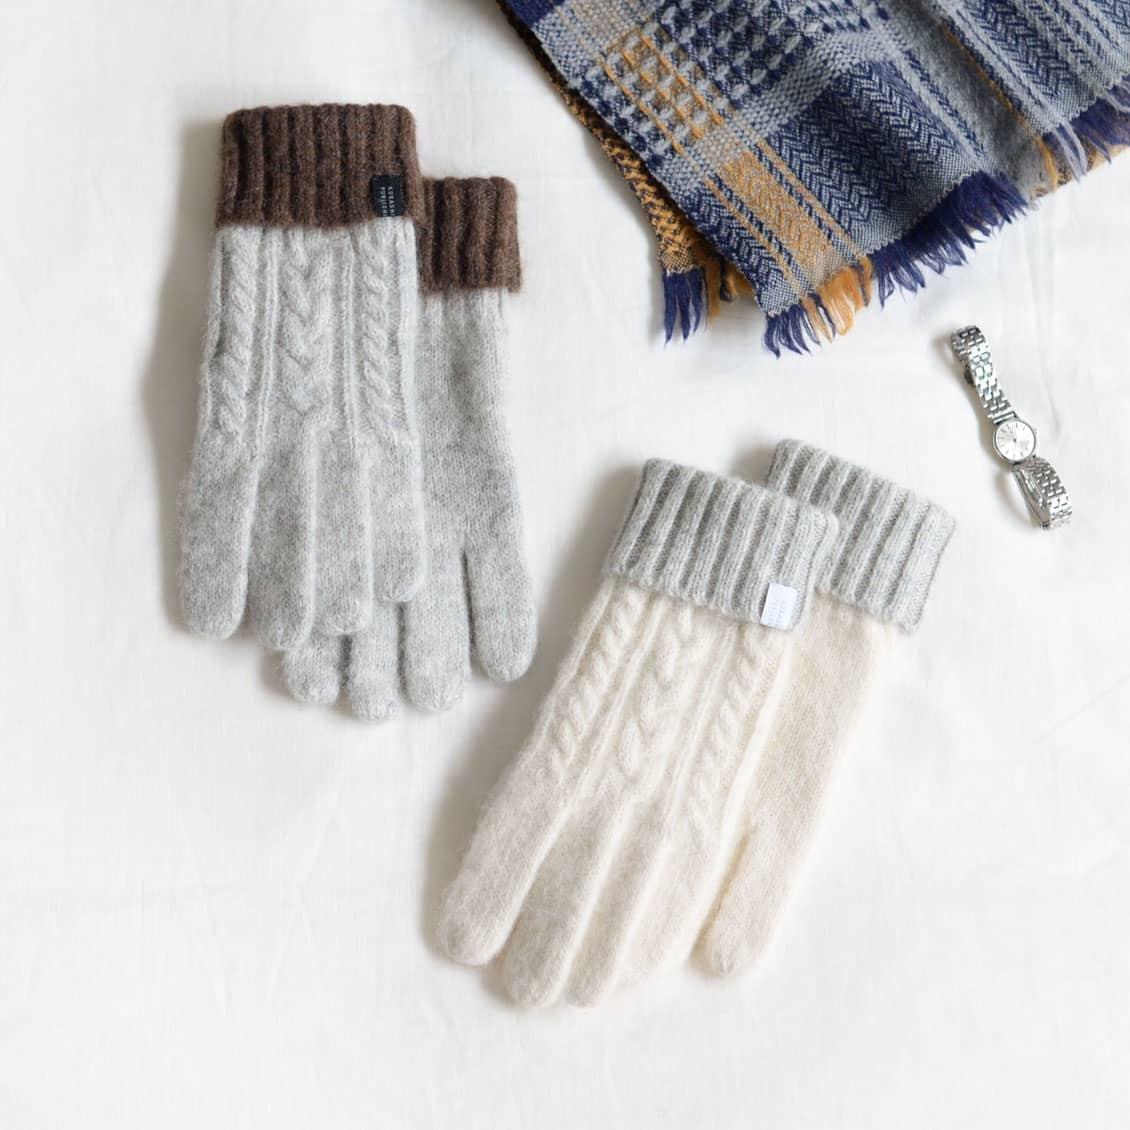 【新商品】冬の手もとが好きになる♪ 肌触りやわらかなケーブル編みのオリジナル手袋をつくりました。